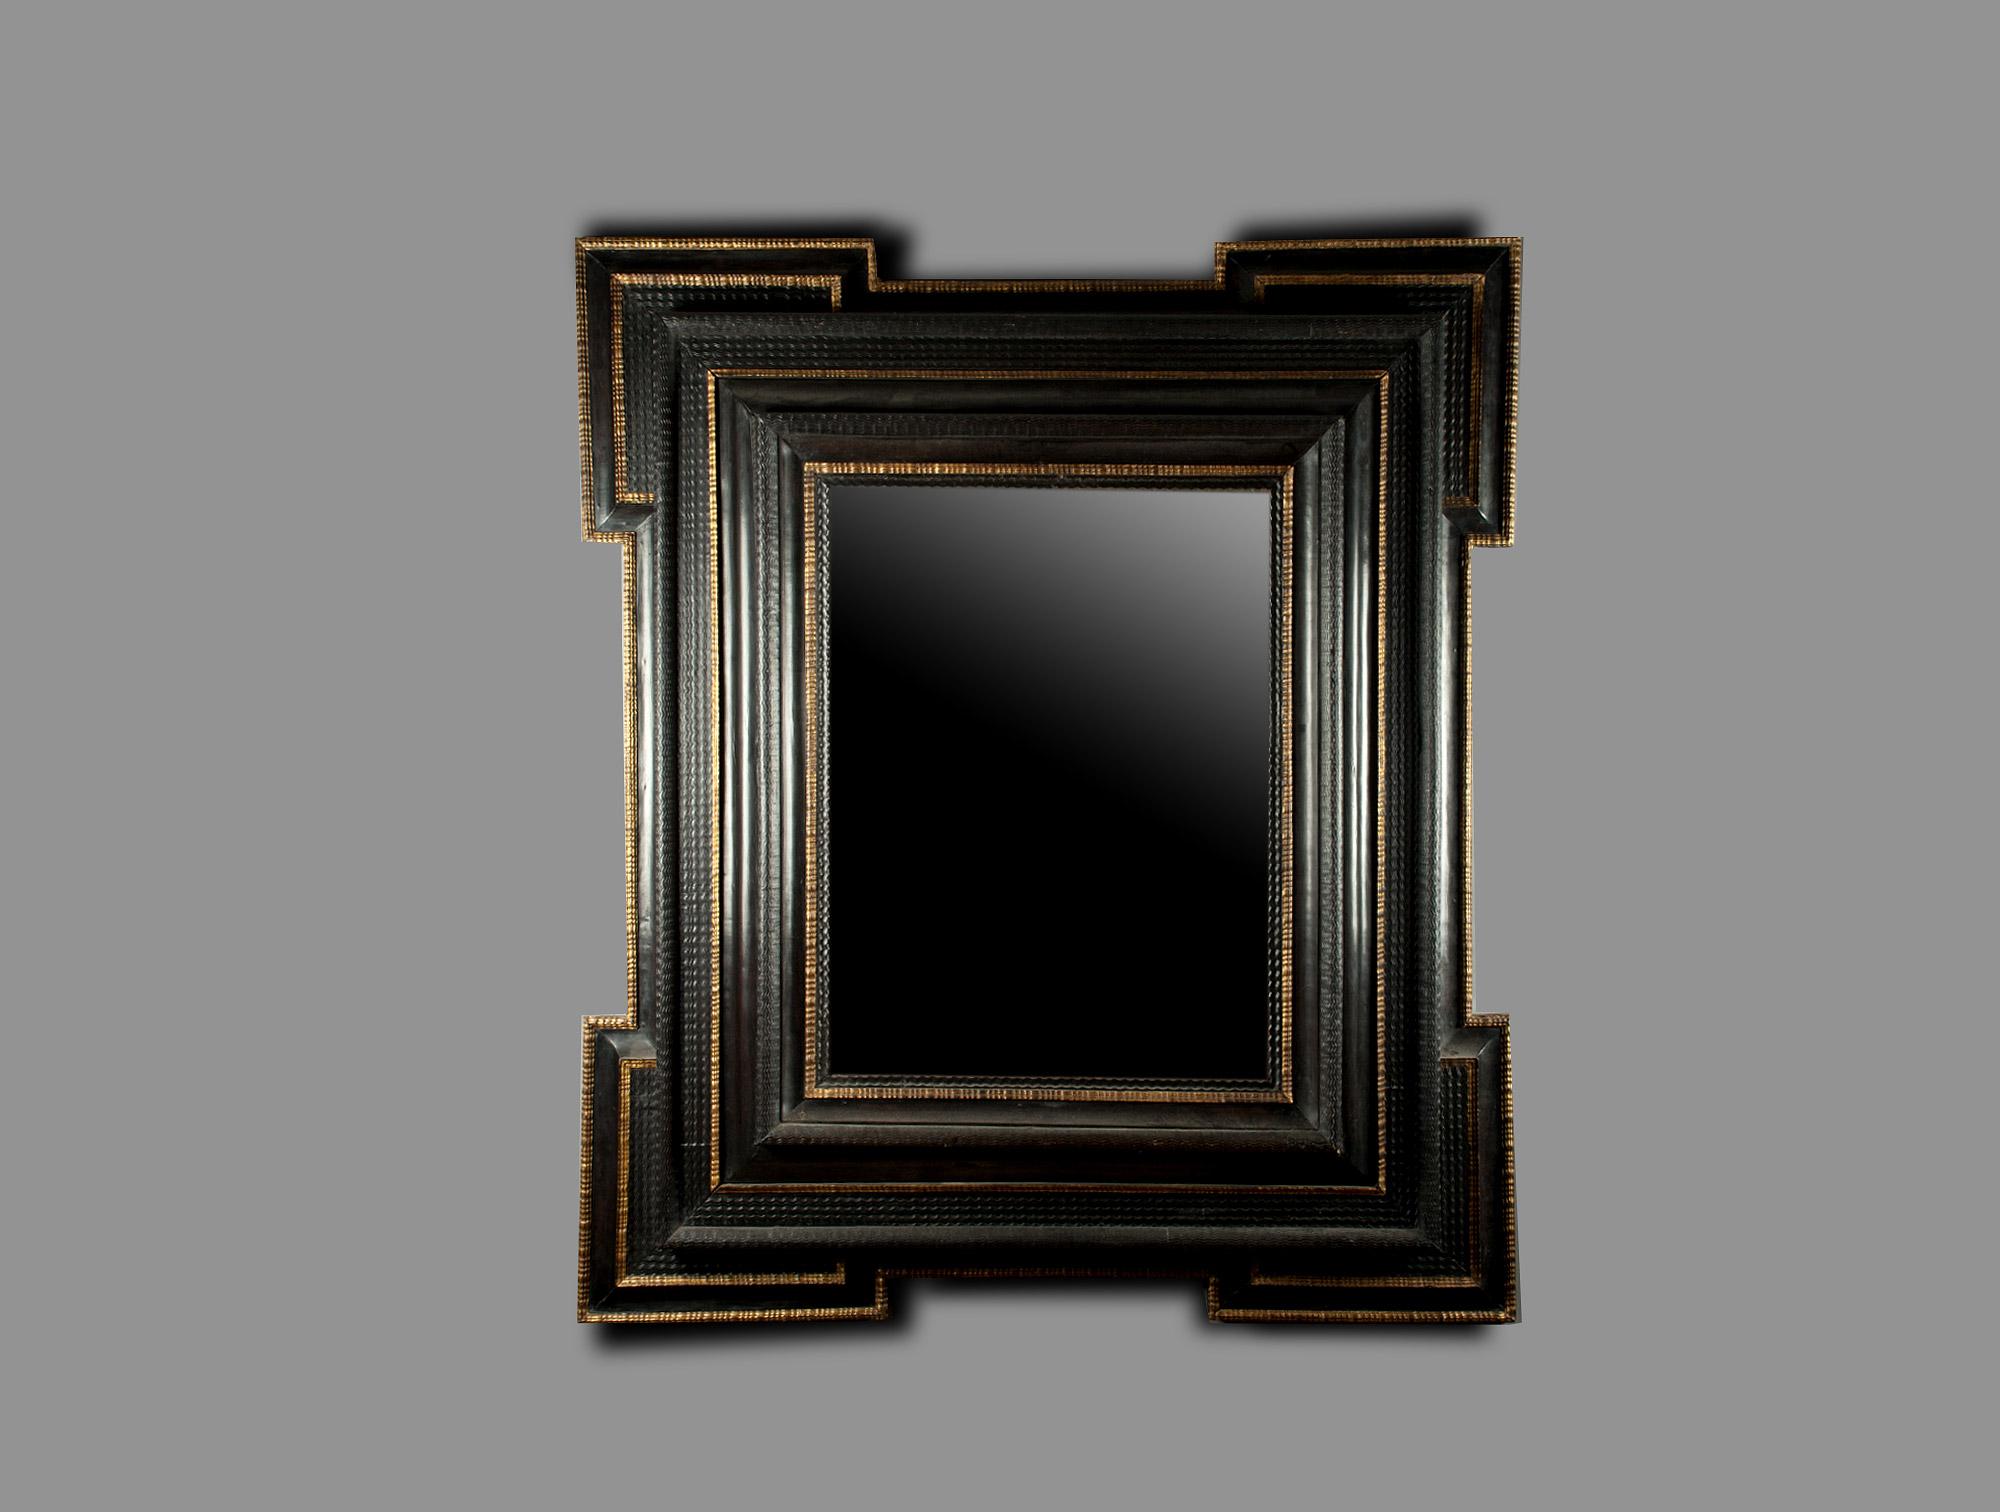 Miroir noir soubrier louer mobiliers miroir psych xviiie for Miroir carre noir